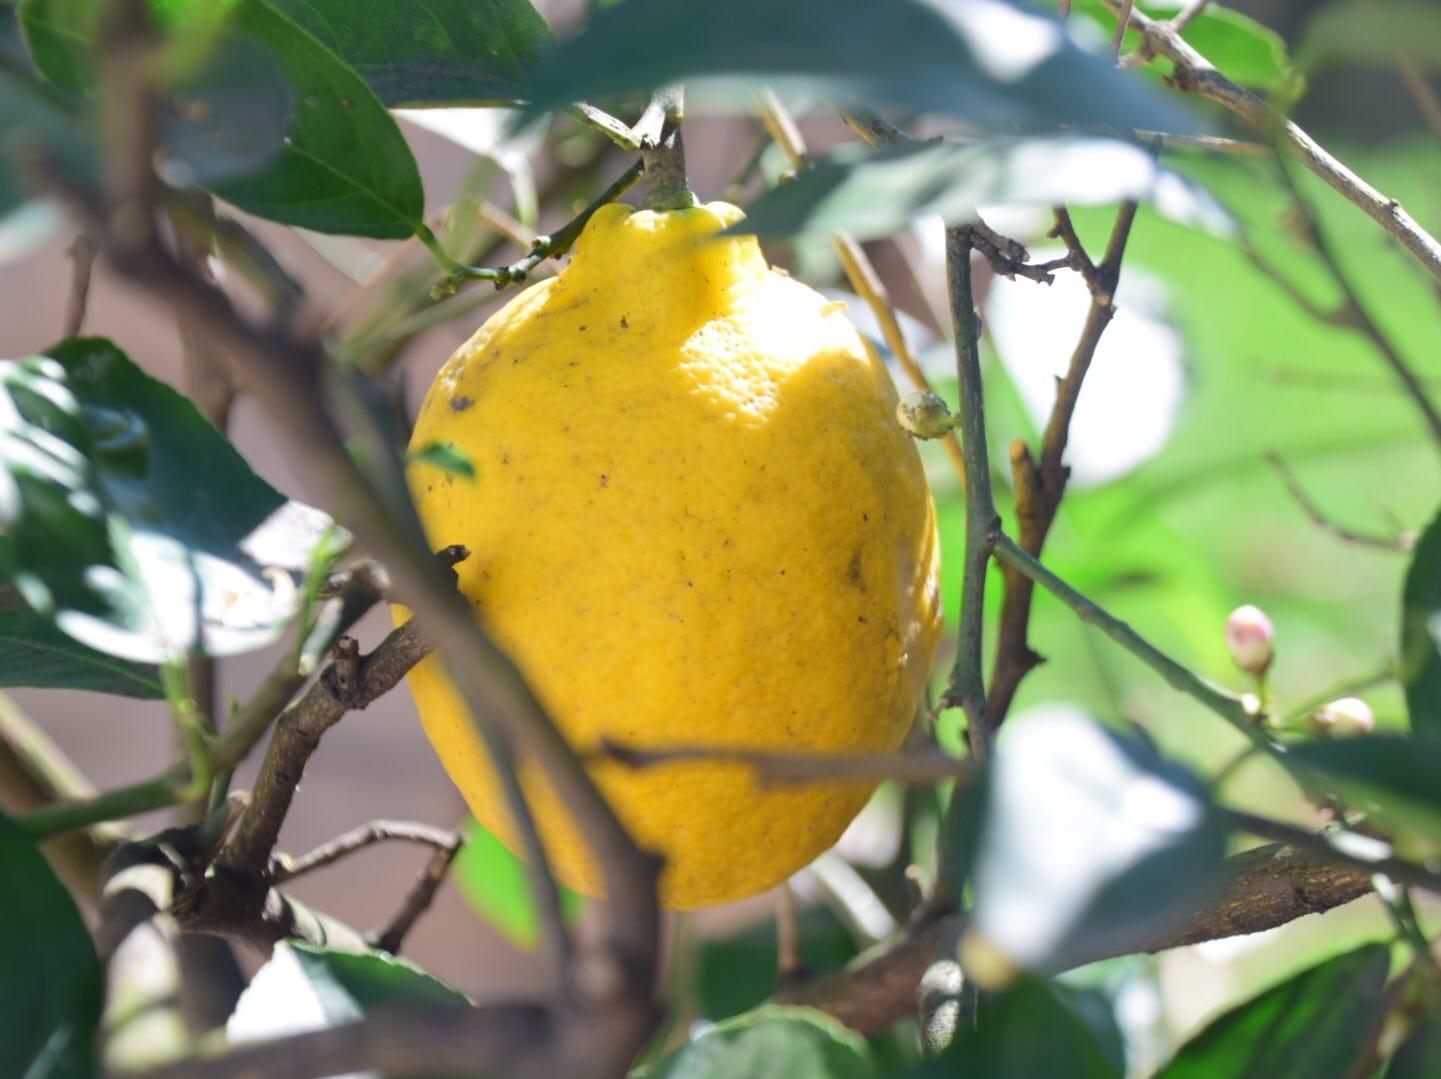 Roger Kane's lemons grow year 'round at his garage greenhouse.